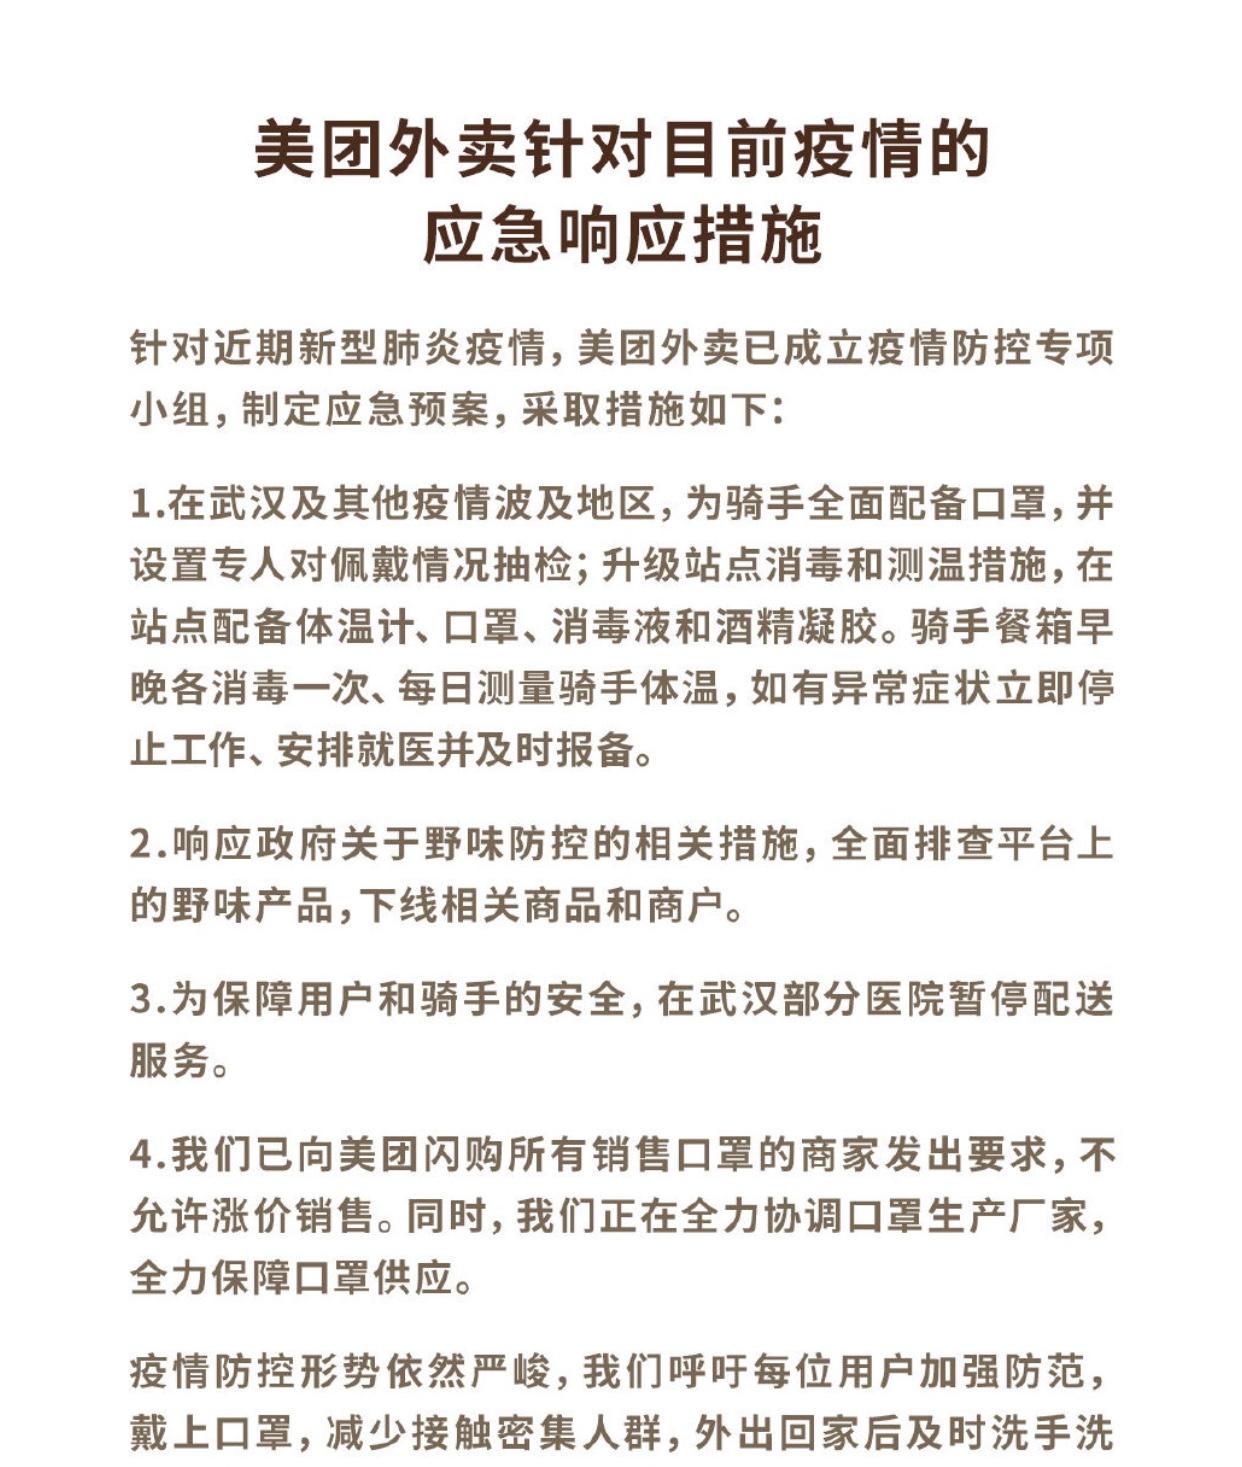 """武汉""""封城""""首日,部分商家外卖员拒接医院及附近订单"""